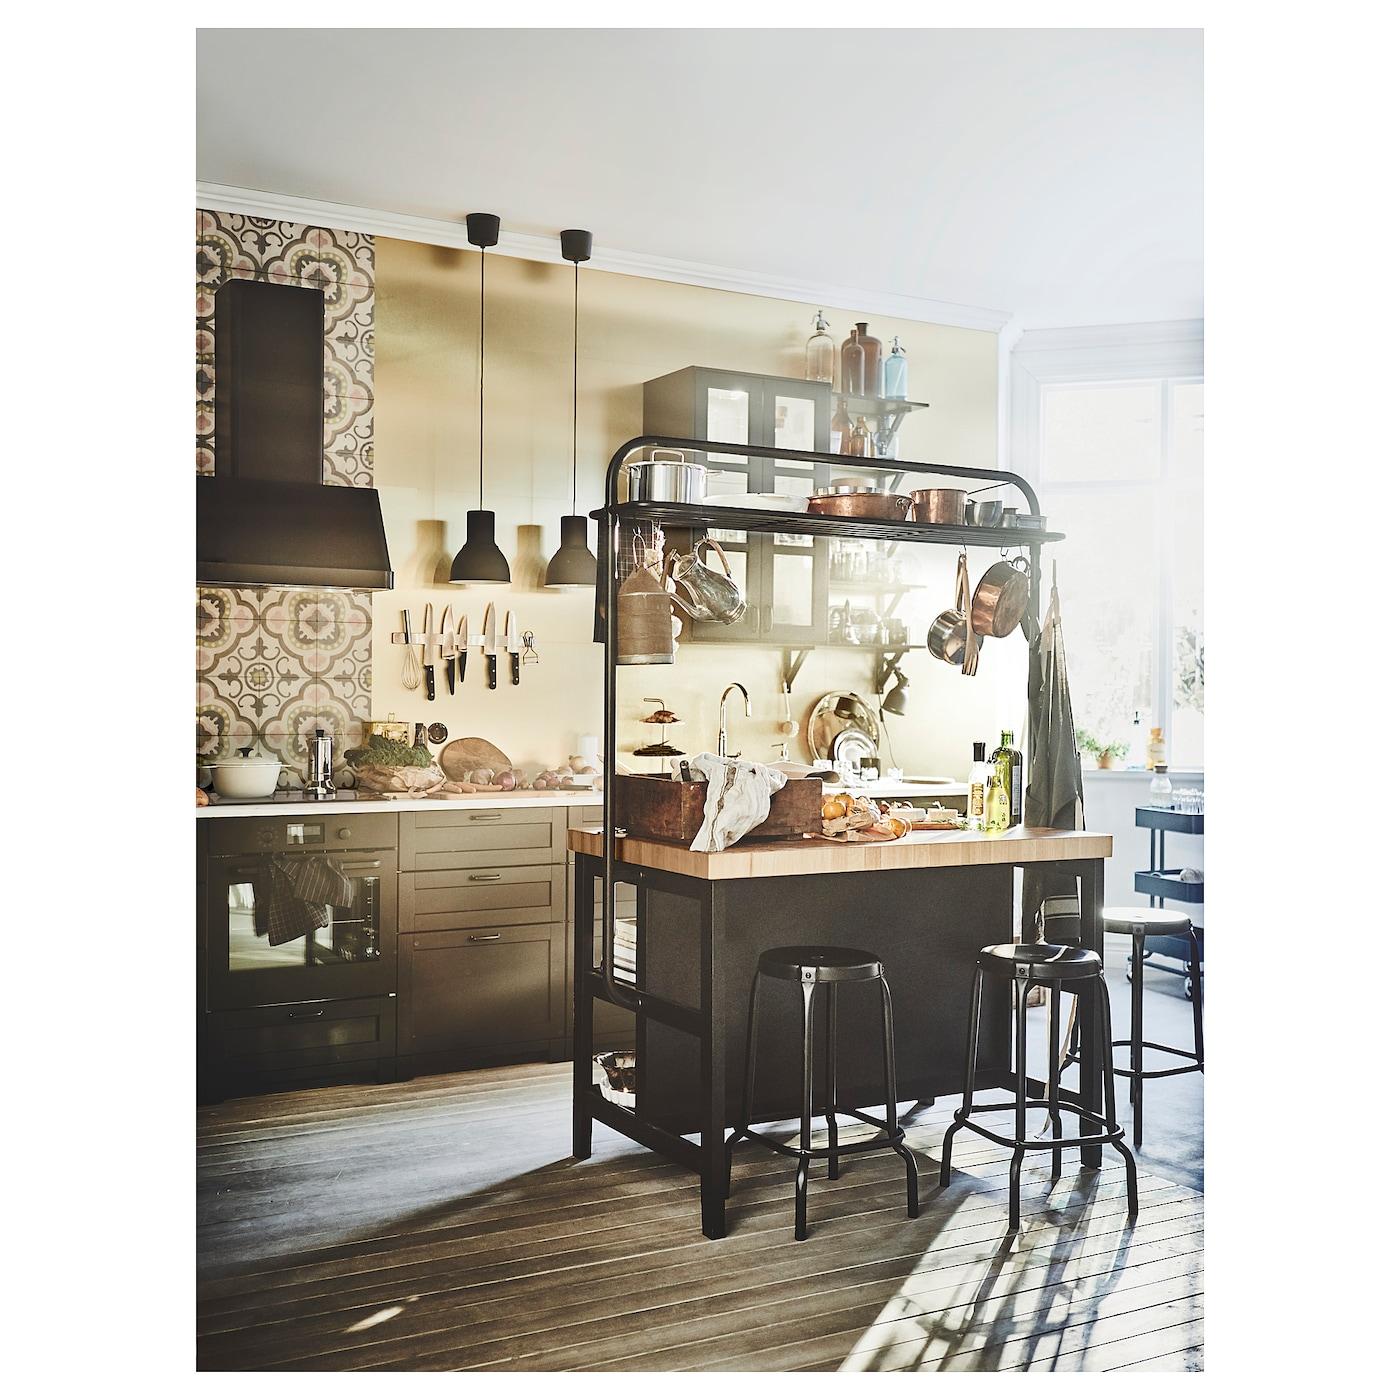 Vadholma lot pour cuisine noir ch ne 126 x 79 x 90 cm ikea for Offre ikea cuisine